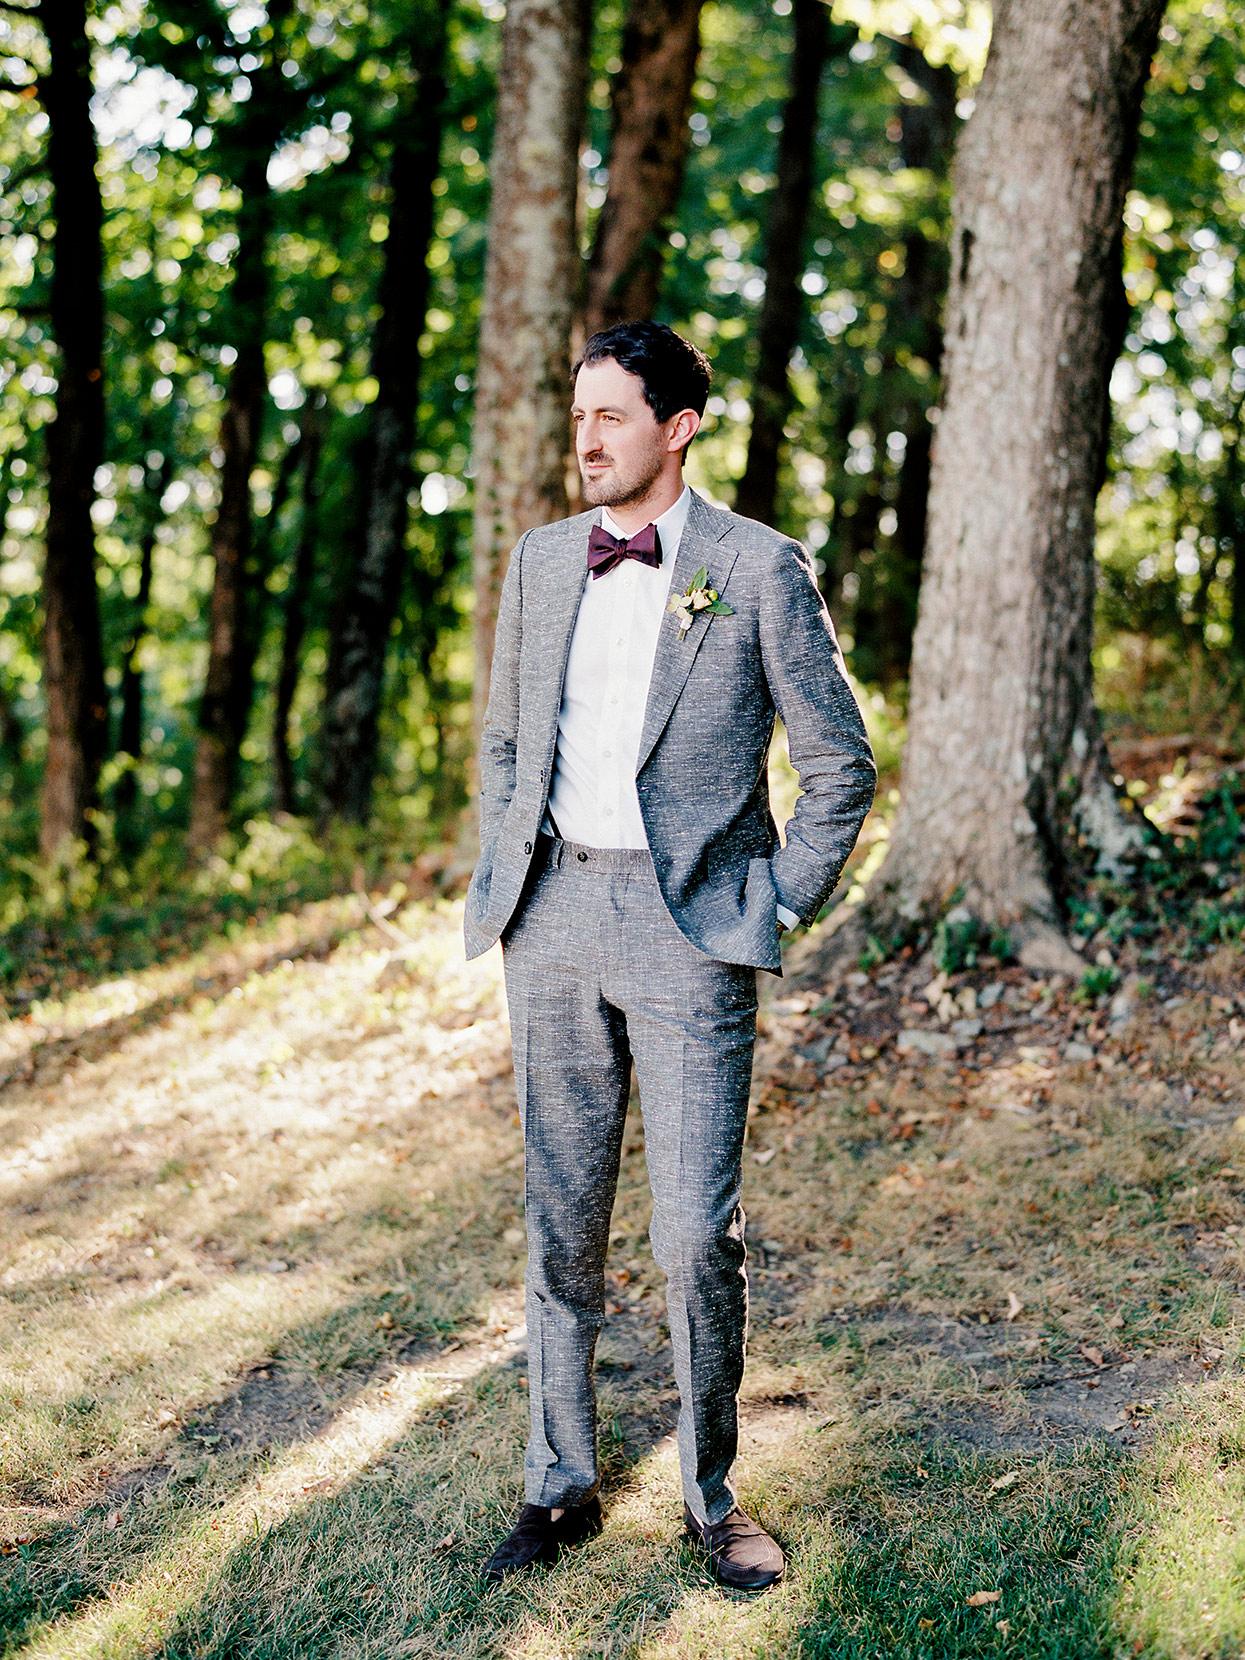 Portrait of groom Dan outside in gray suit near trees